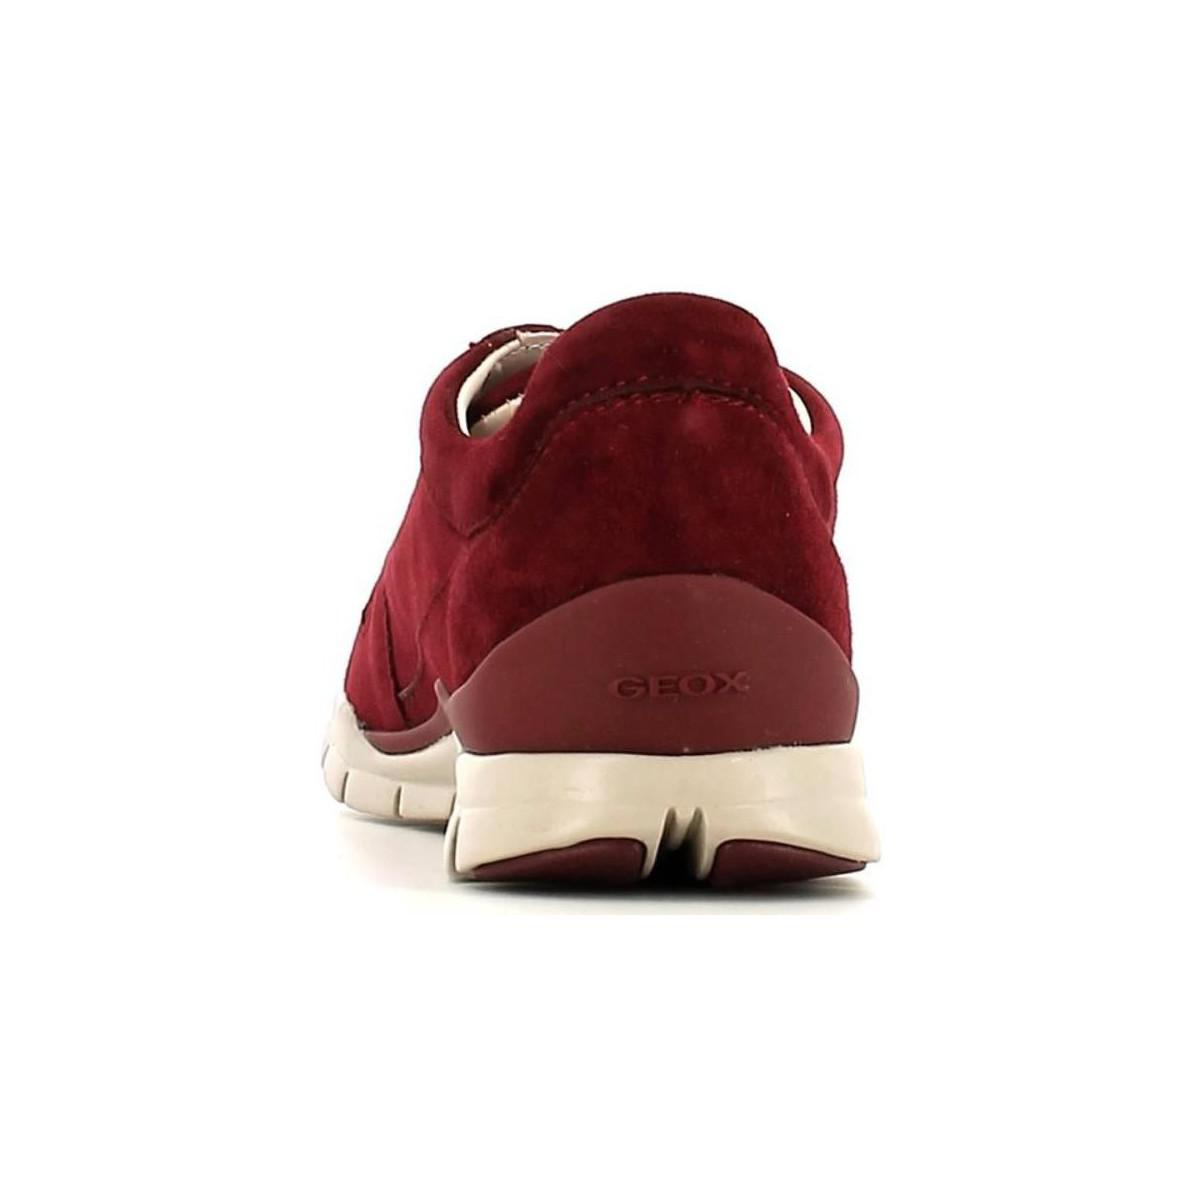 9ec02b42545 Geox D52f2a 00021 Sneakers Women Women's Walking Boots In Red in Red ...